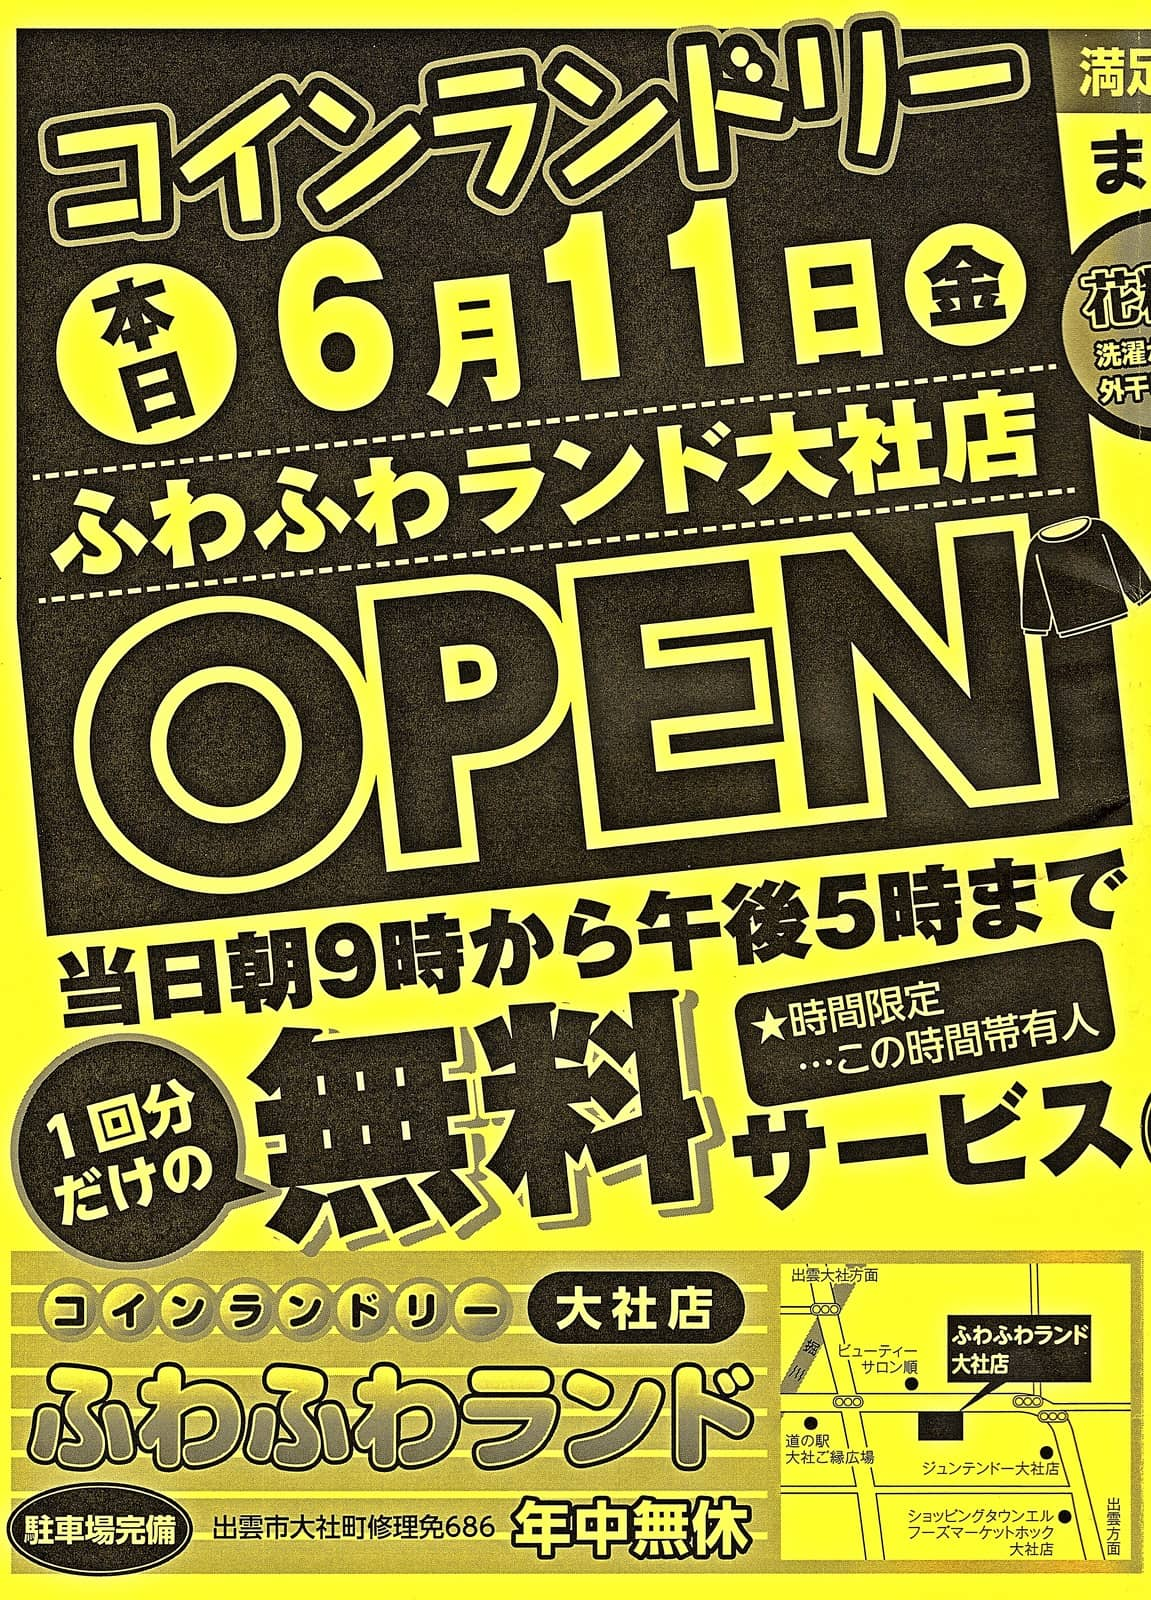 ふわふわランド大社店 オープン